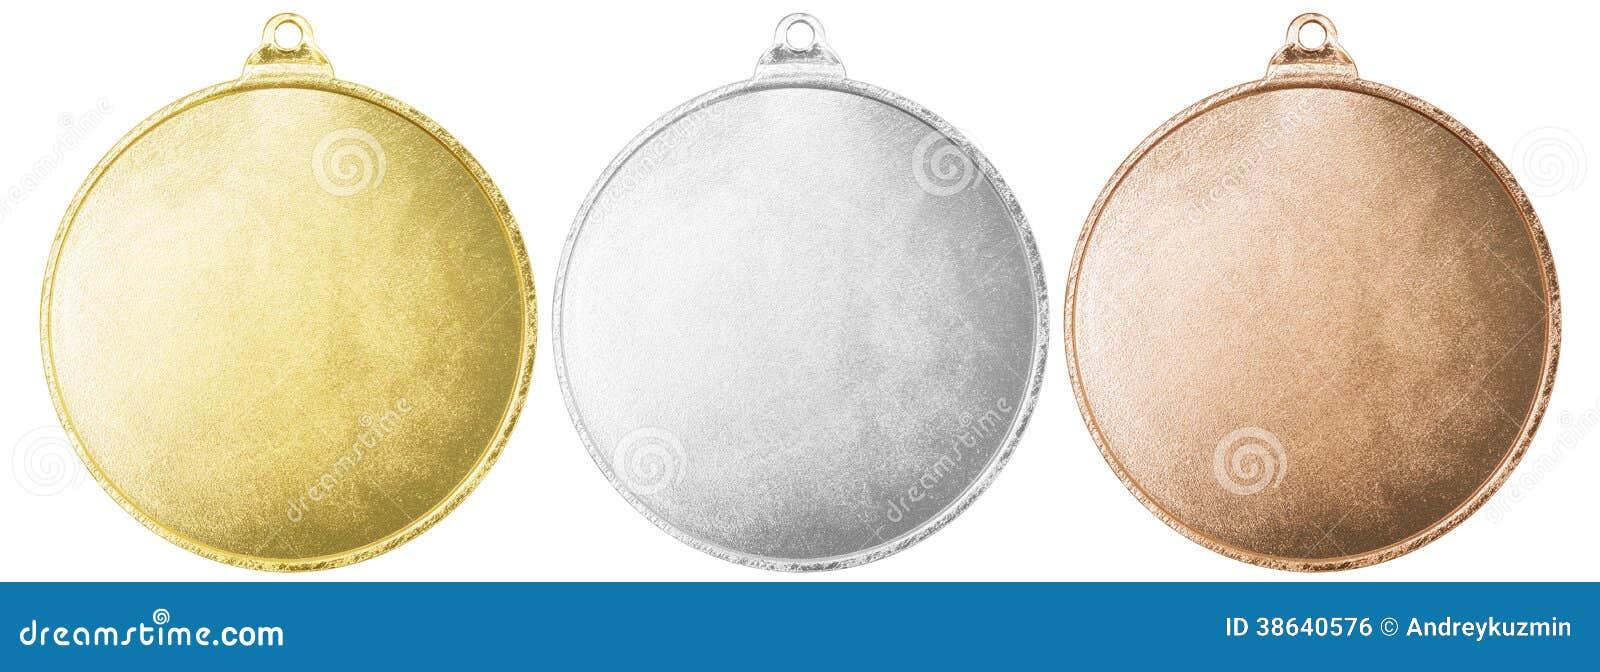 Gold-, silberne und Bronzemedaillen mit Beschneidungspfad